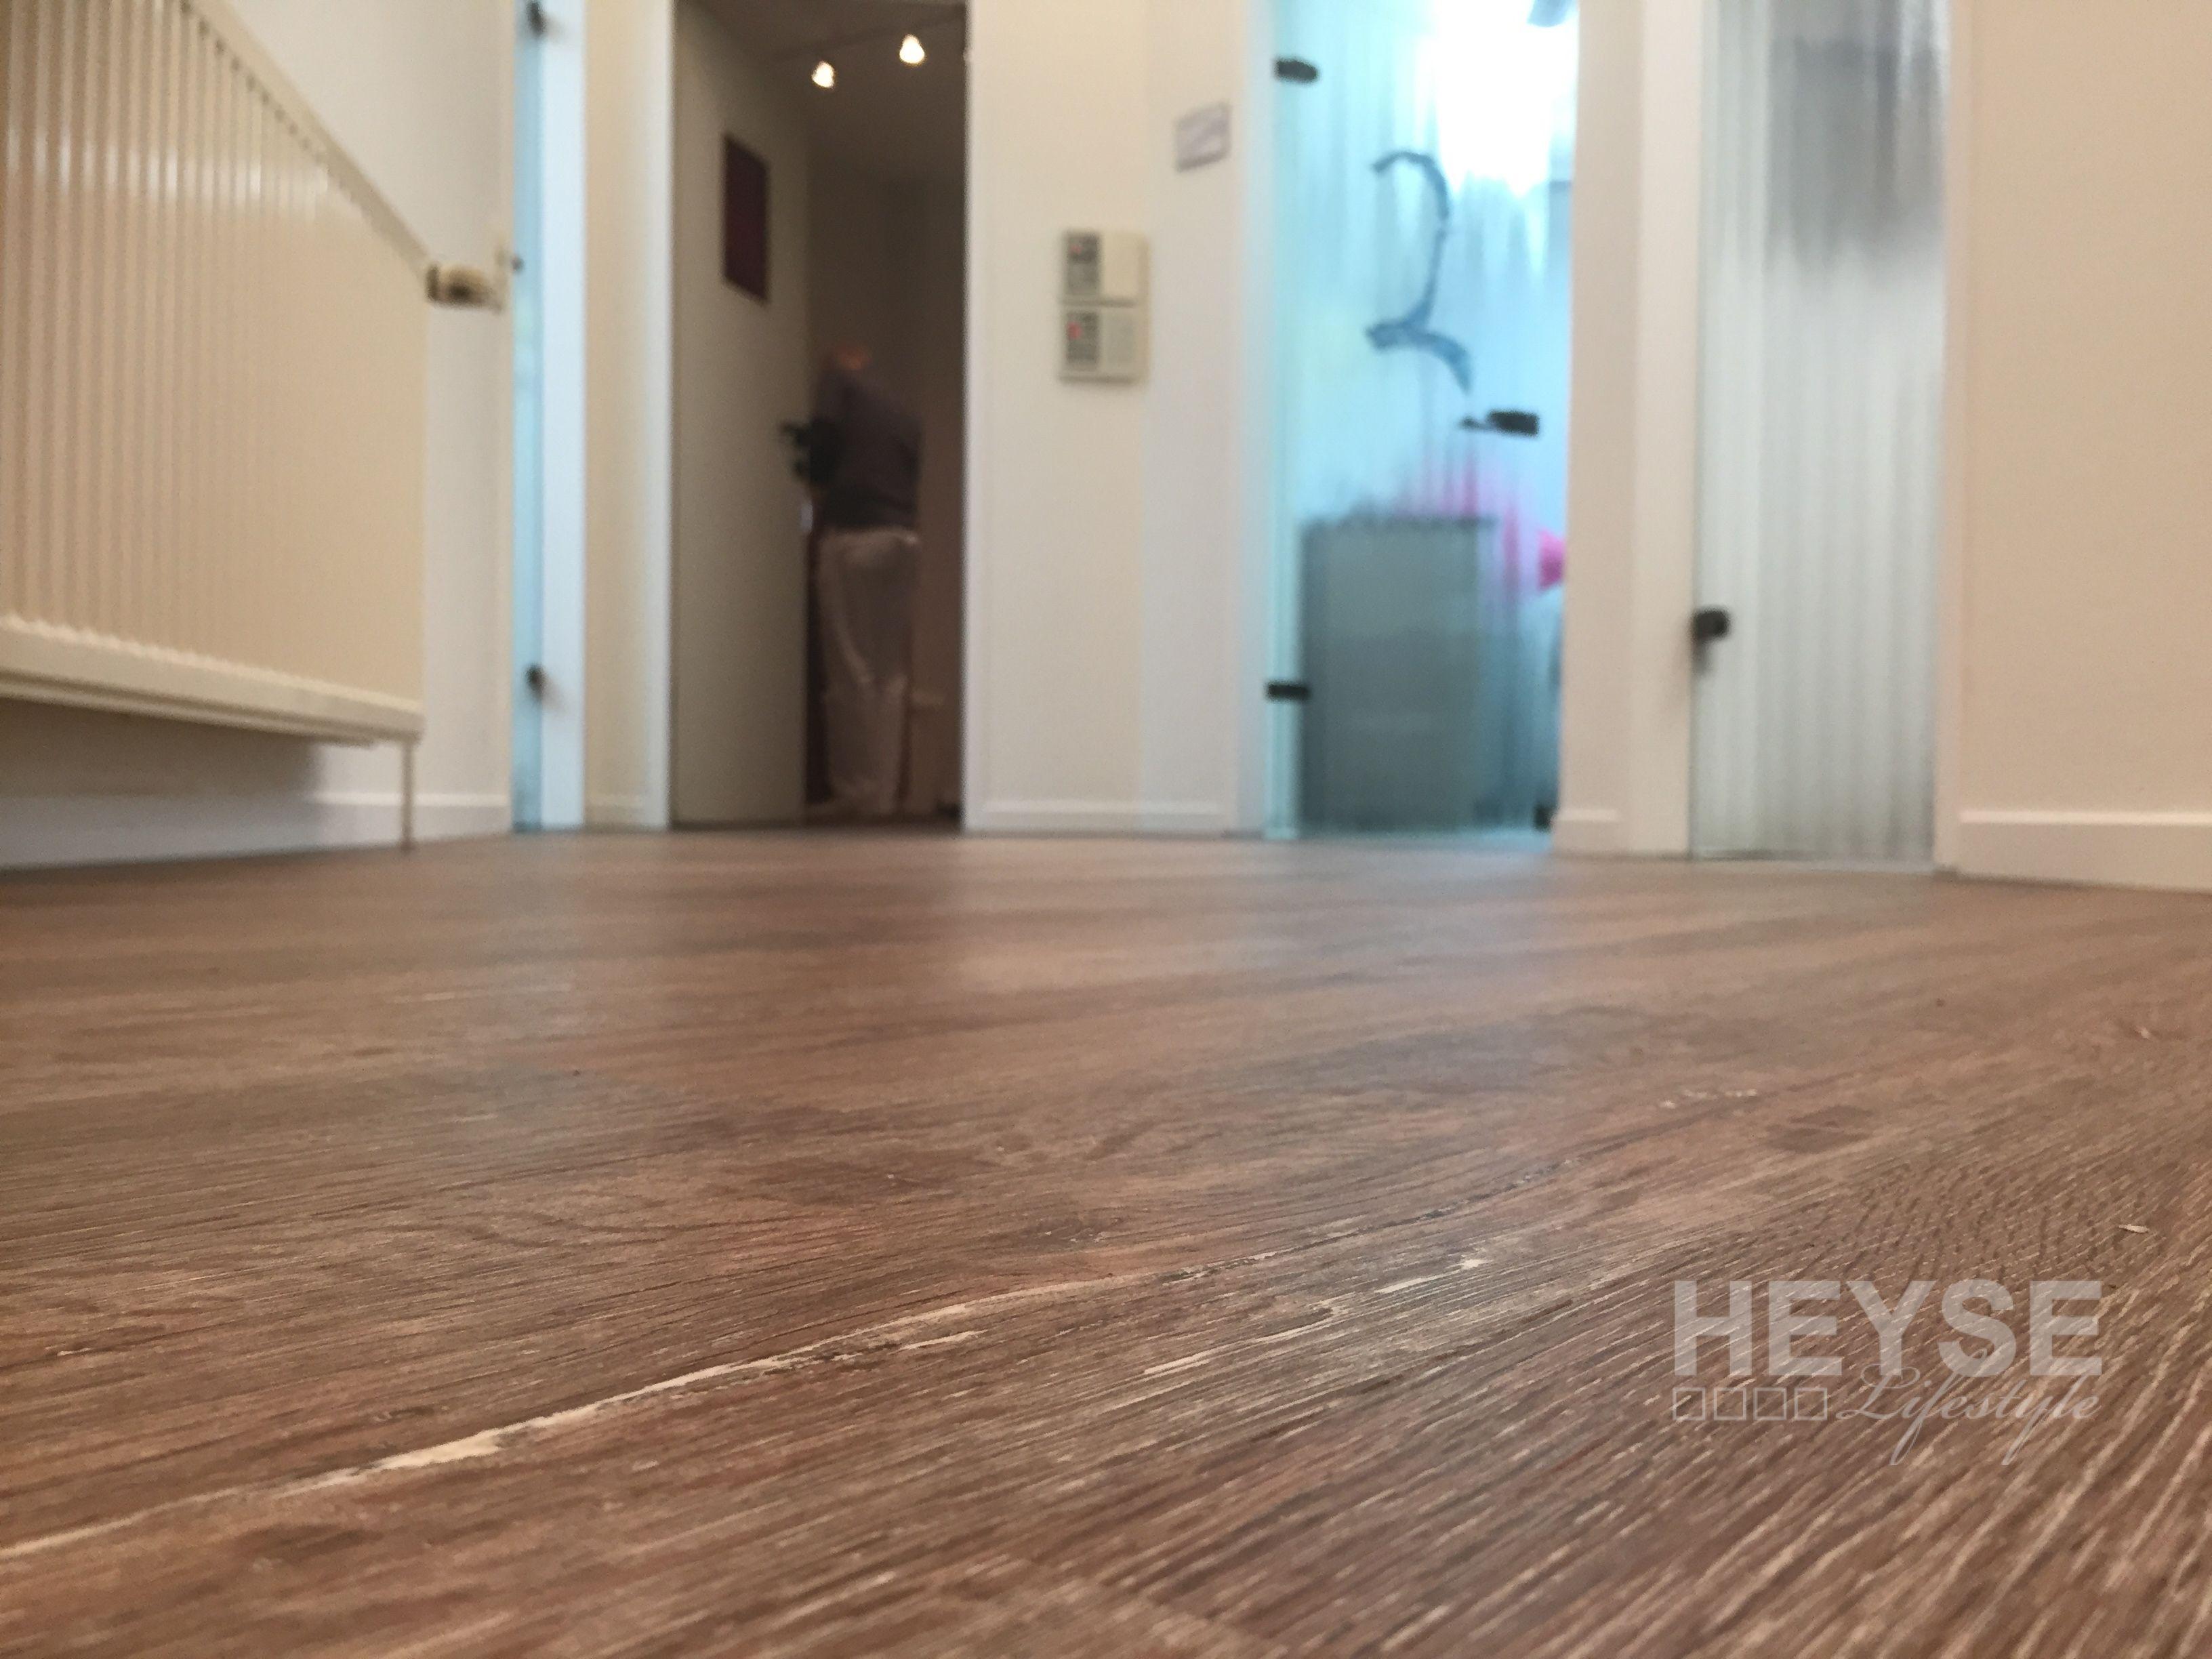 Designer Fussbodenbelag Pvc Bodenbelag Rustikal Grau Mit Aufdruck